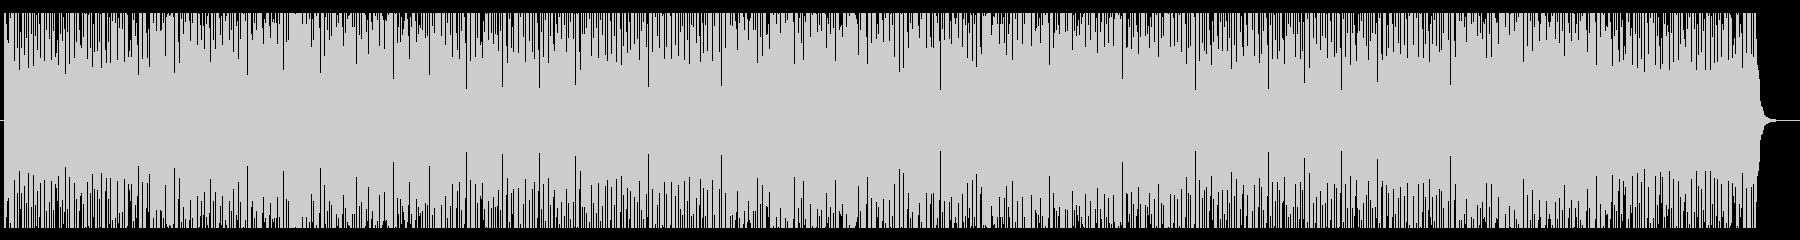 琴と尺八×ボサノバ!和風BGM 3の未再生の波形